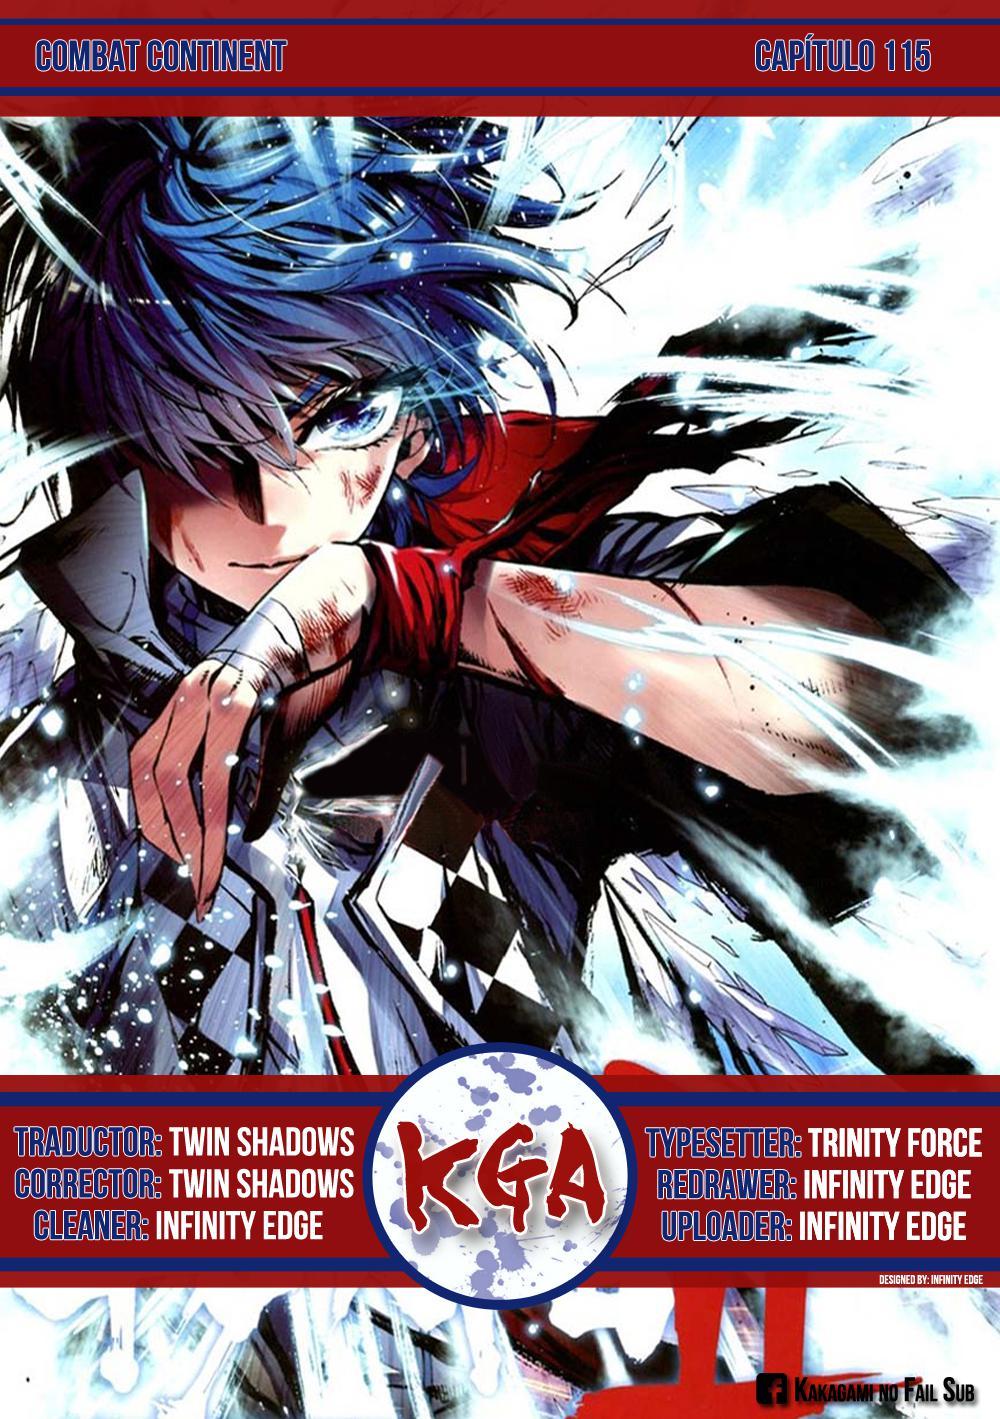 https://c5.mangatag.com/es_manga/18/16210/417583/860f00bea9285ccc48228ff6694ba1b0.jpg Page 1